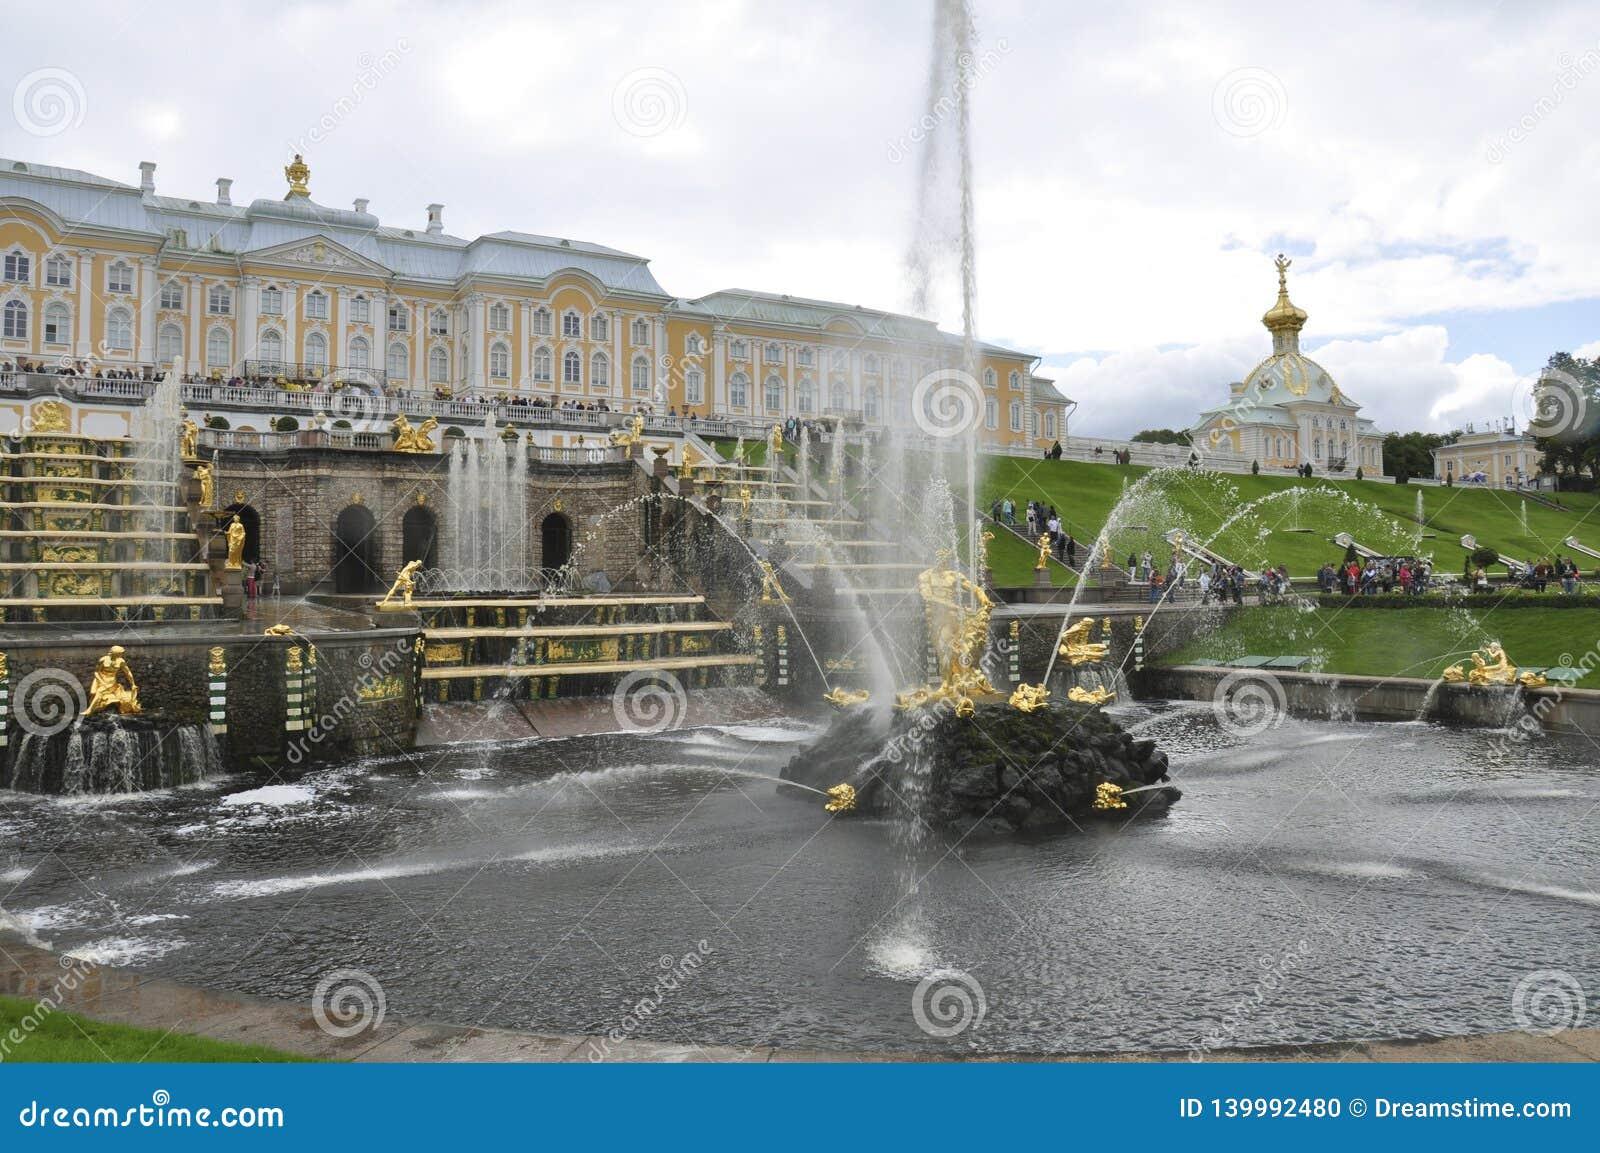 Fonte central com o palácio e a igreja no fundo em Peterhof, Rússia